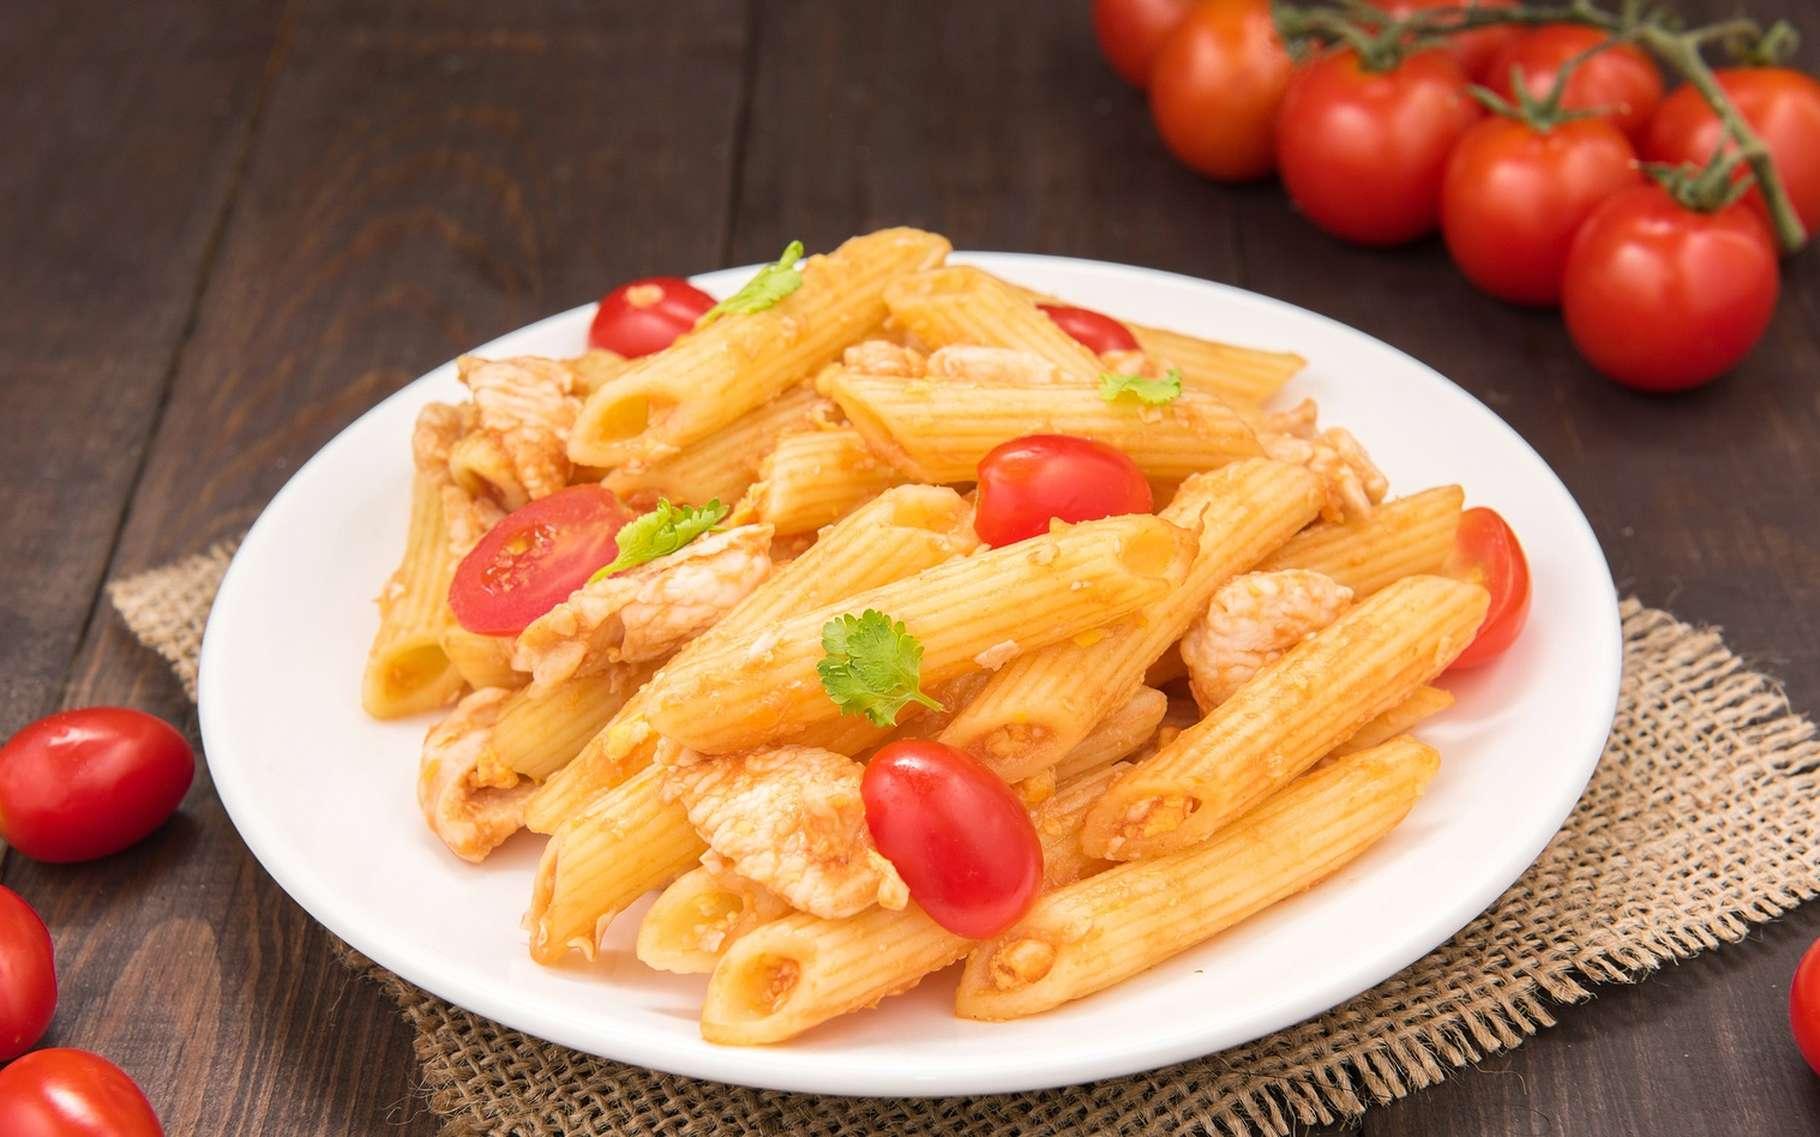 Dans cette étude (italienne), la consommation de pâtes n'était pas associée à un IMC plus élevé. © Bon Appetit, Shutterstock